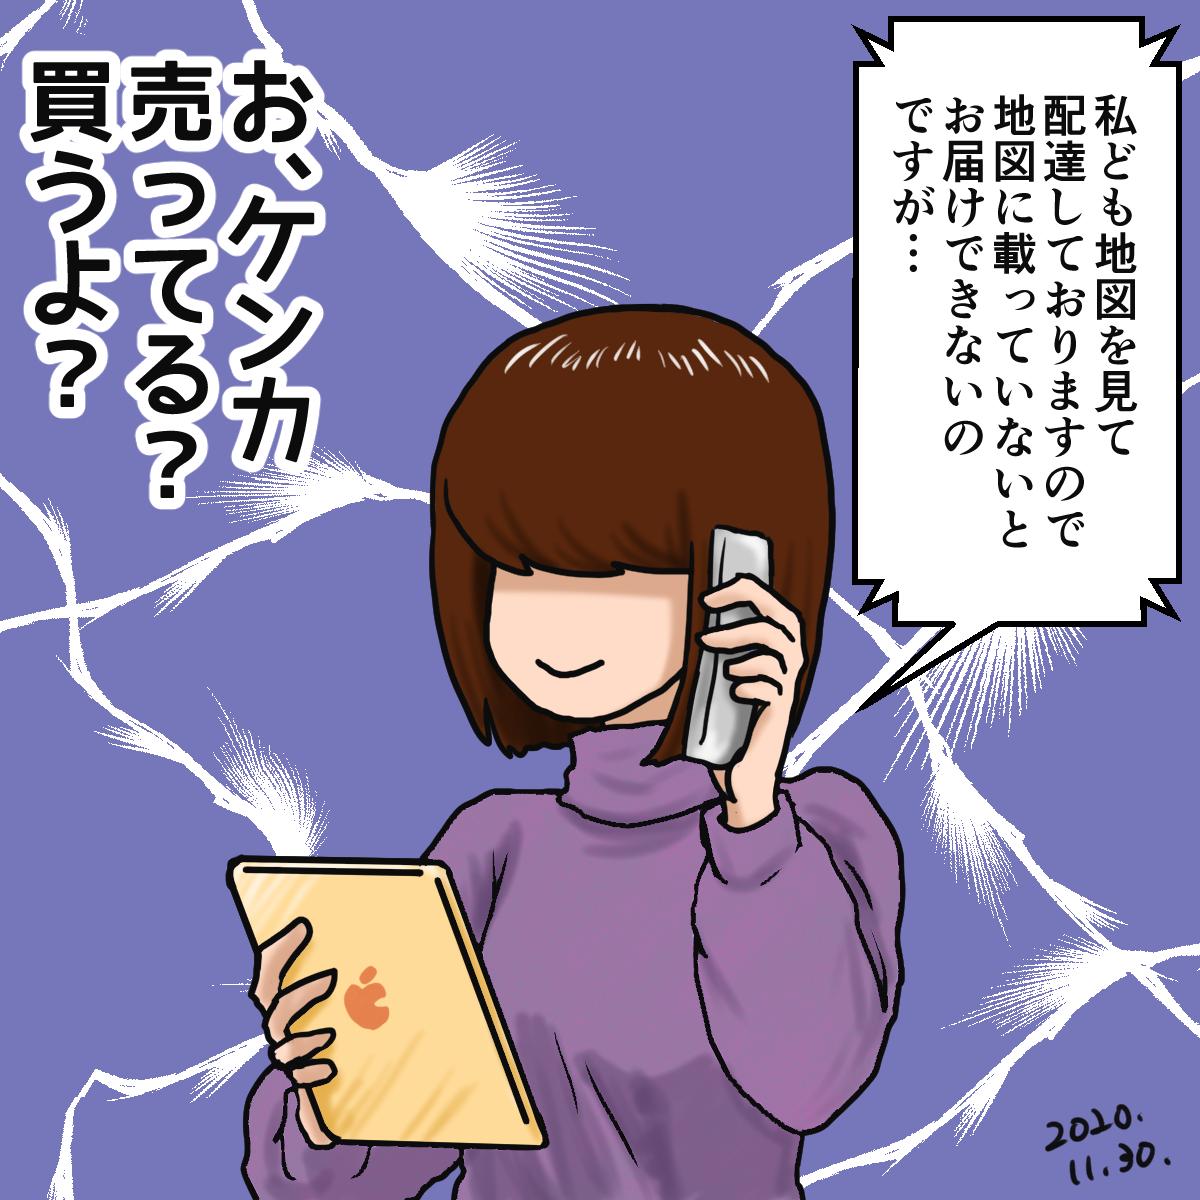 054C8A3E-8583-43A9-AB42-9A963D5A2536.png